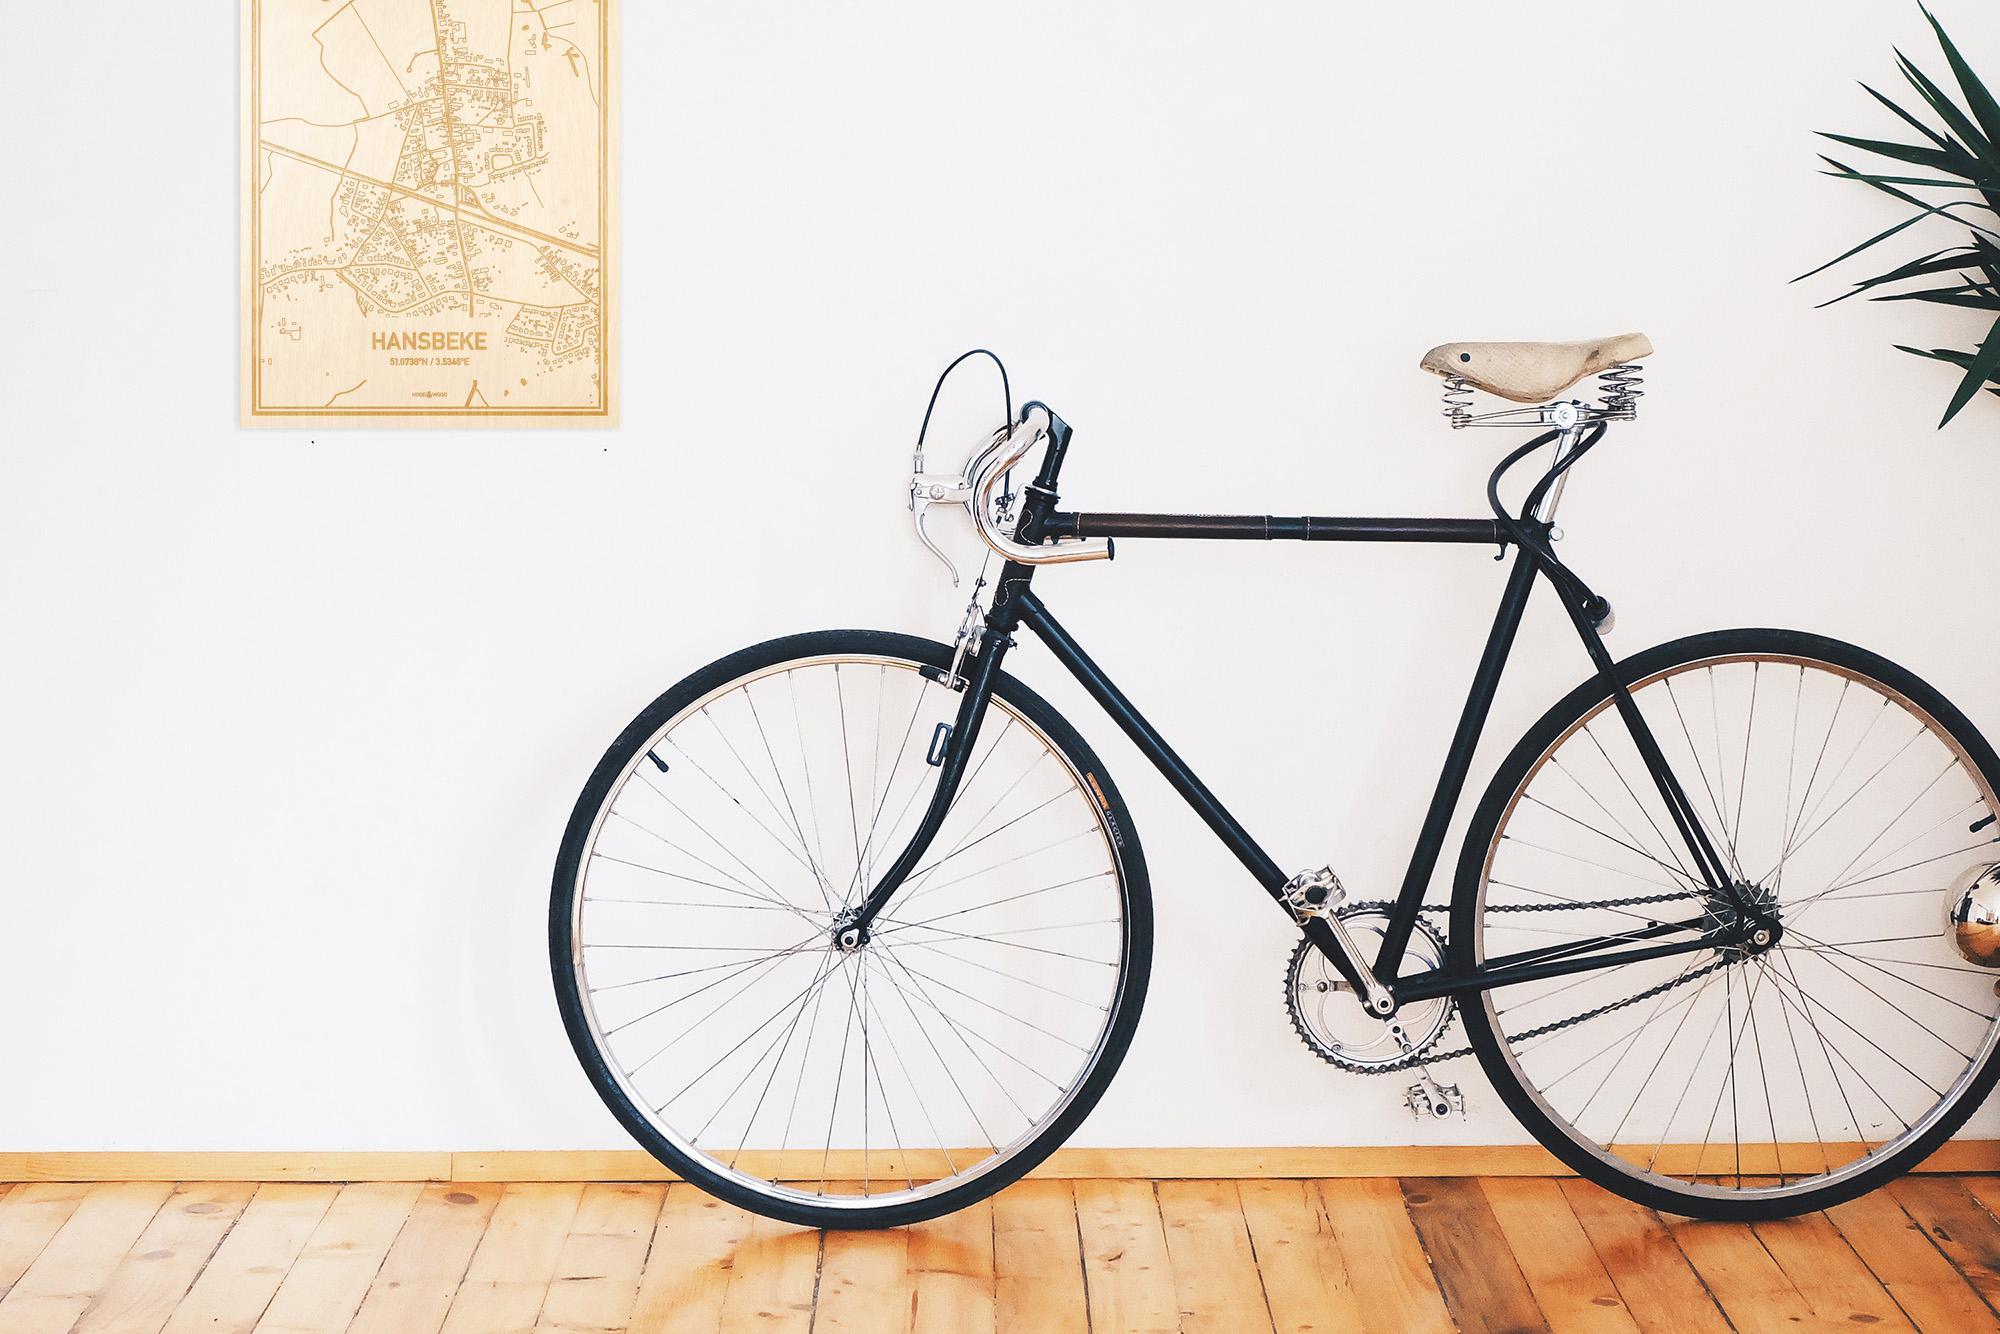 Een snelle fiets in een uniek interieur in Oost-Vlaanderen  met mooie decoratie zoals de plattegrond Hansbeke.